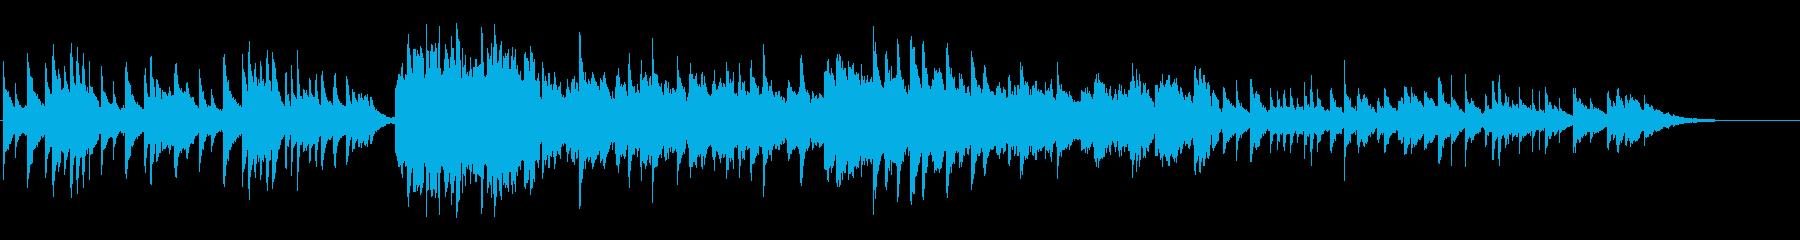 幻想的・神秘的なピアノのバラードの再生済みの波形